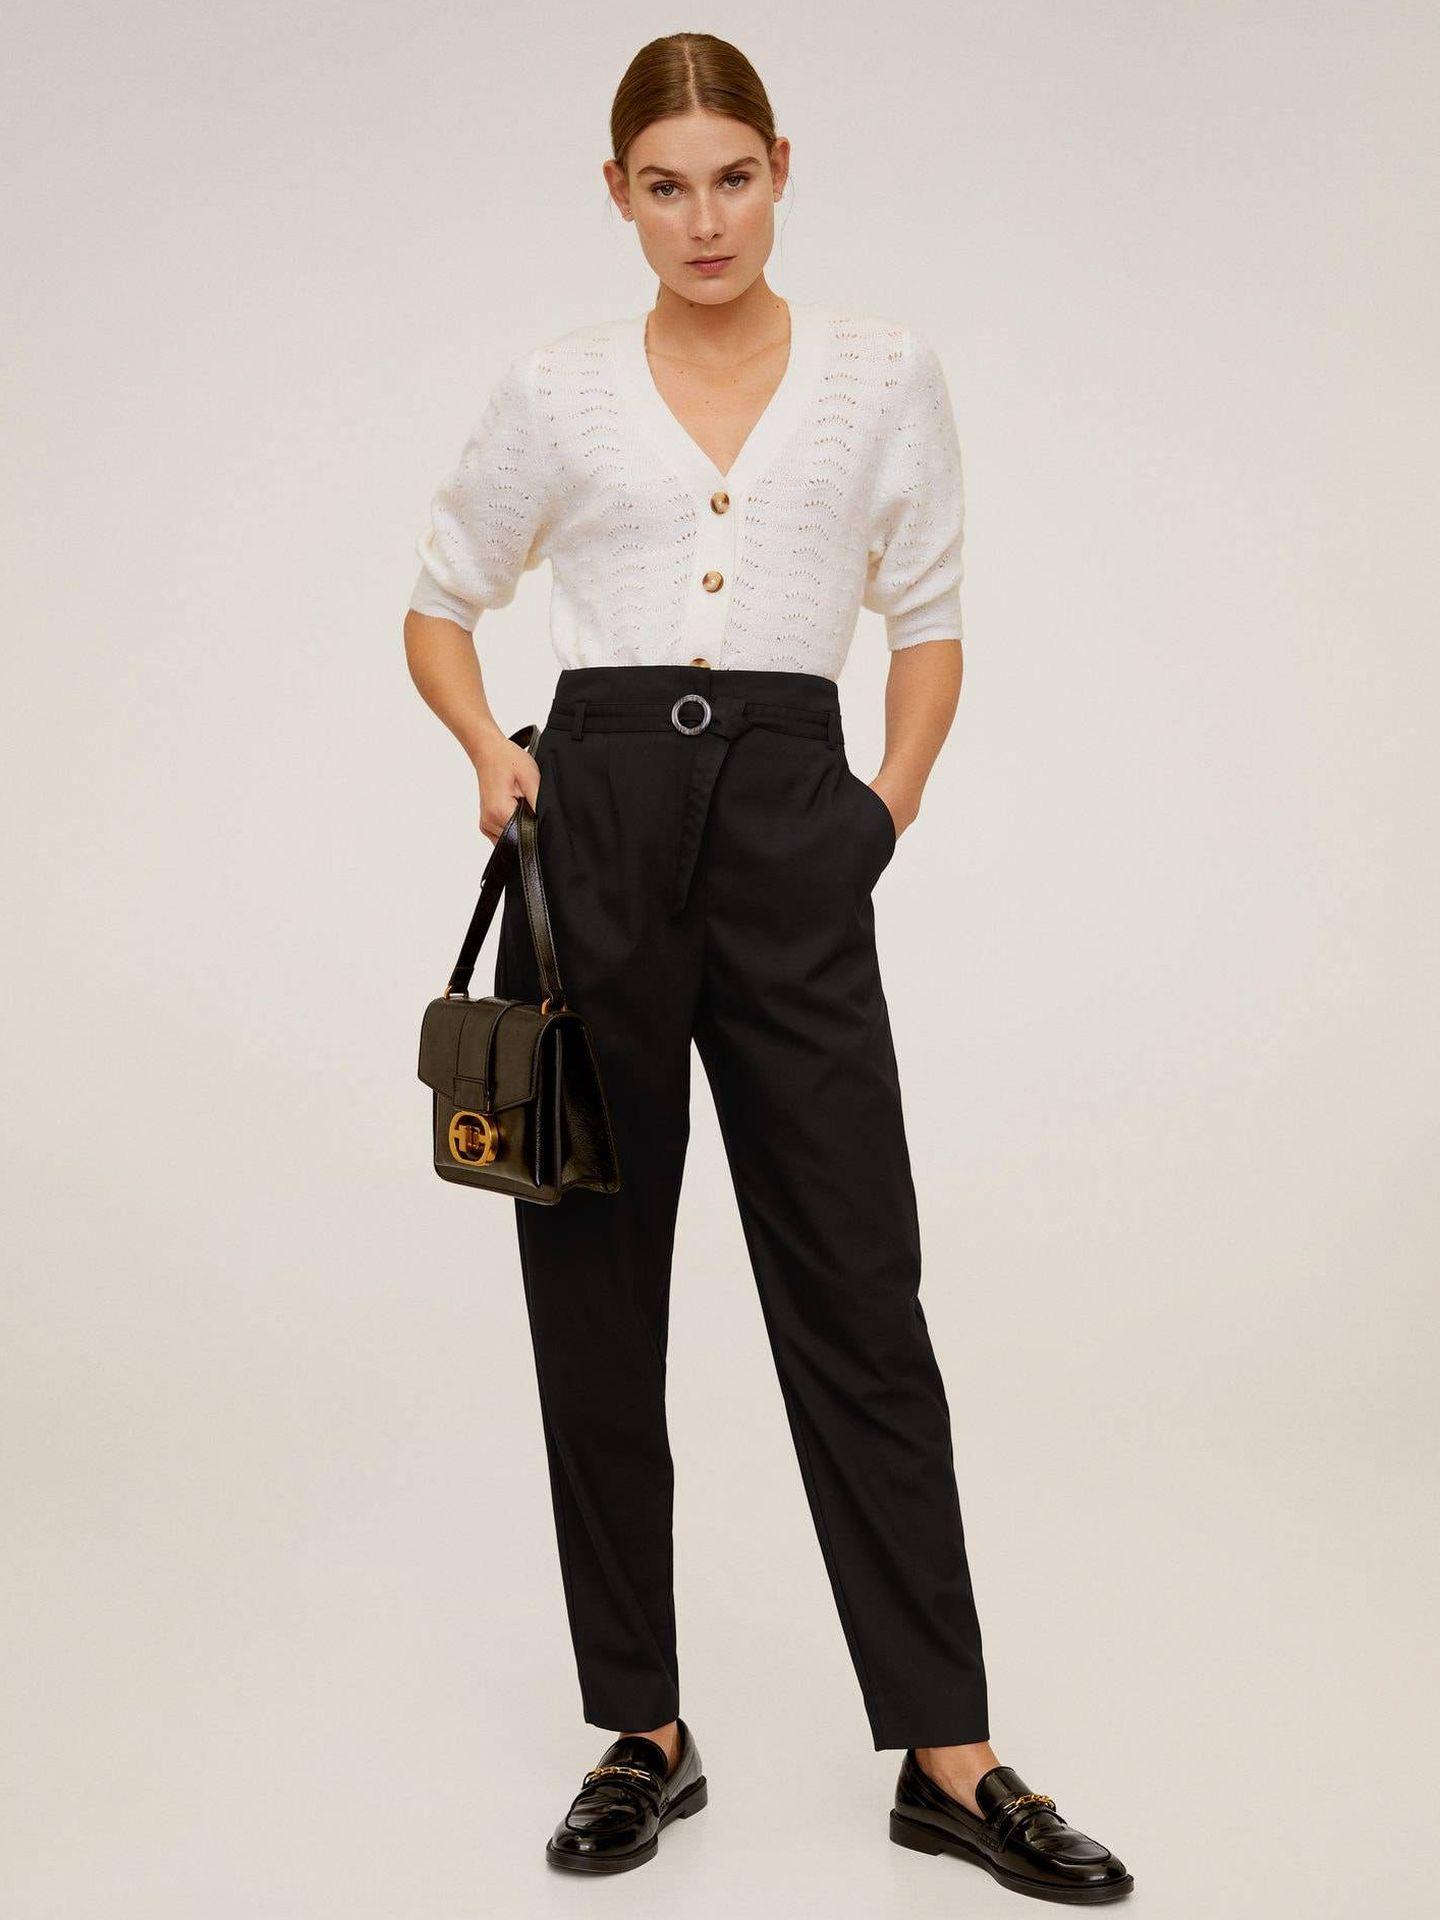 Pantalones estilizadores y asequibles de Mango Outlet. (Cortesía)